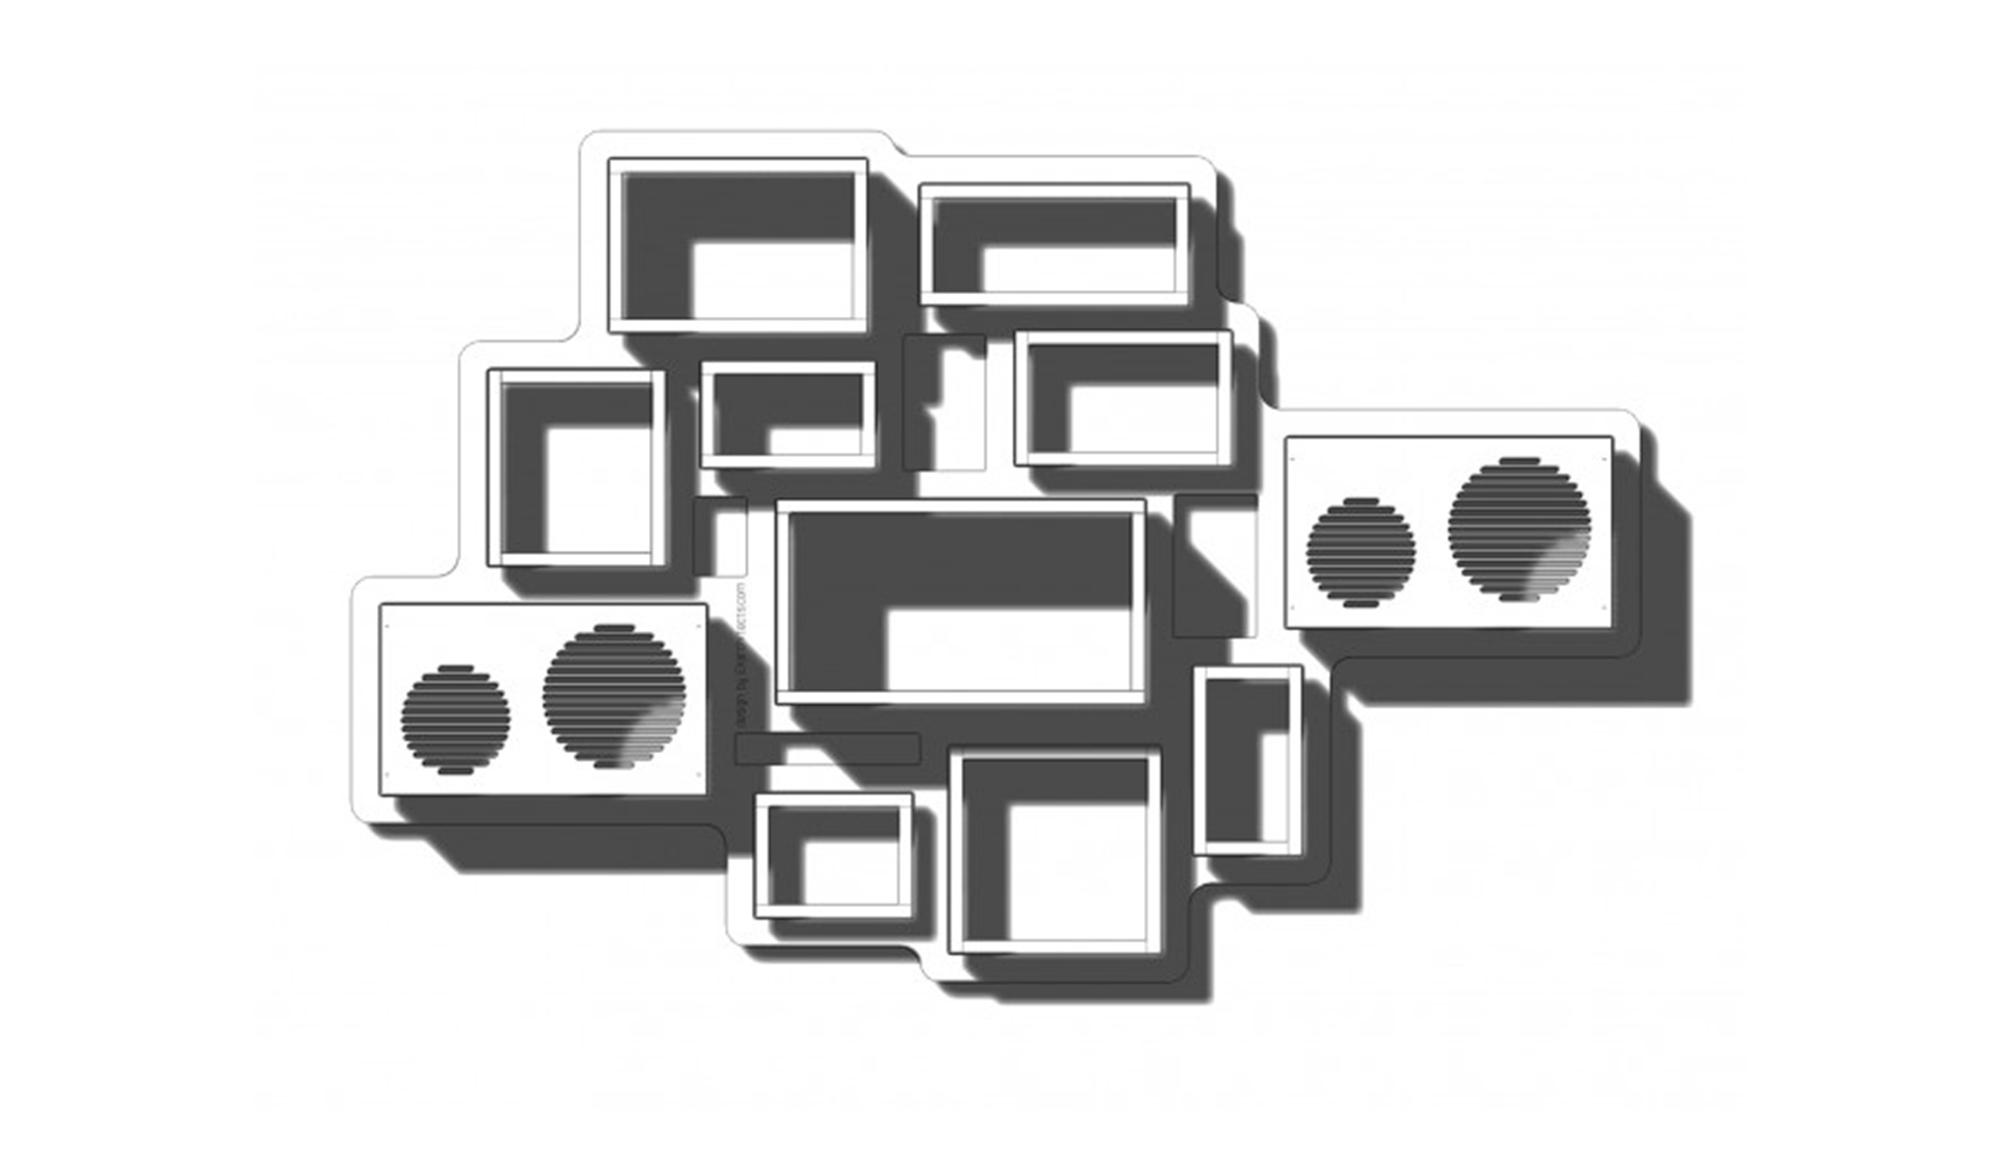 Estanteria-Kubik_-Diseño-_-EXarchitects_07